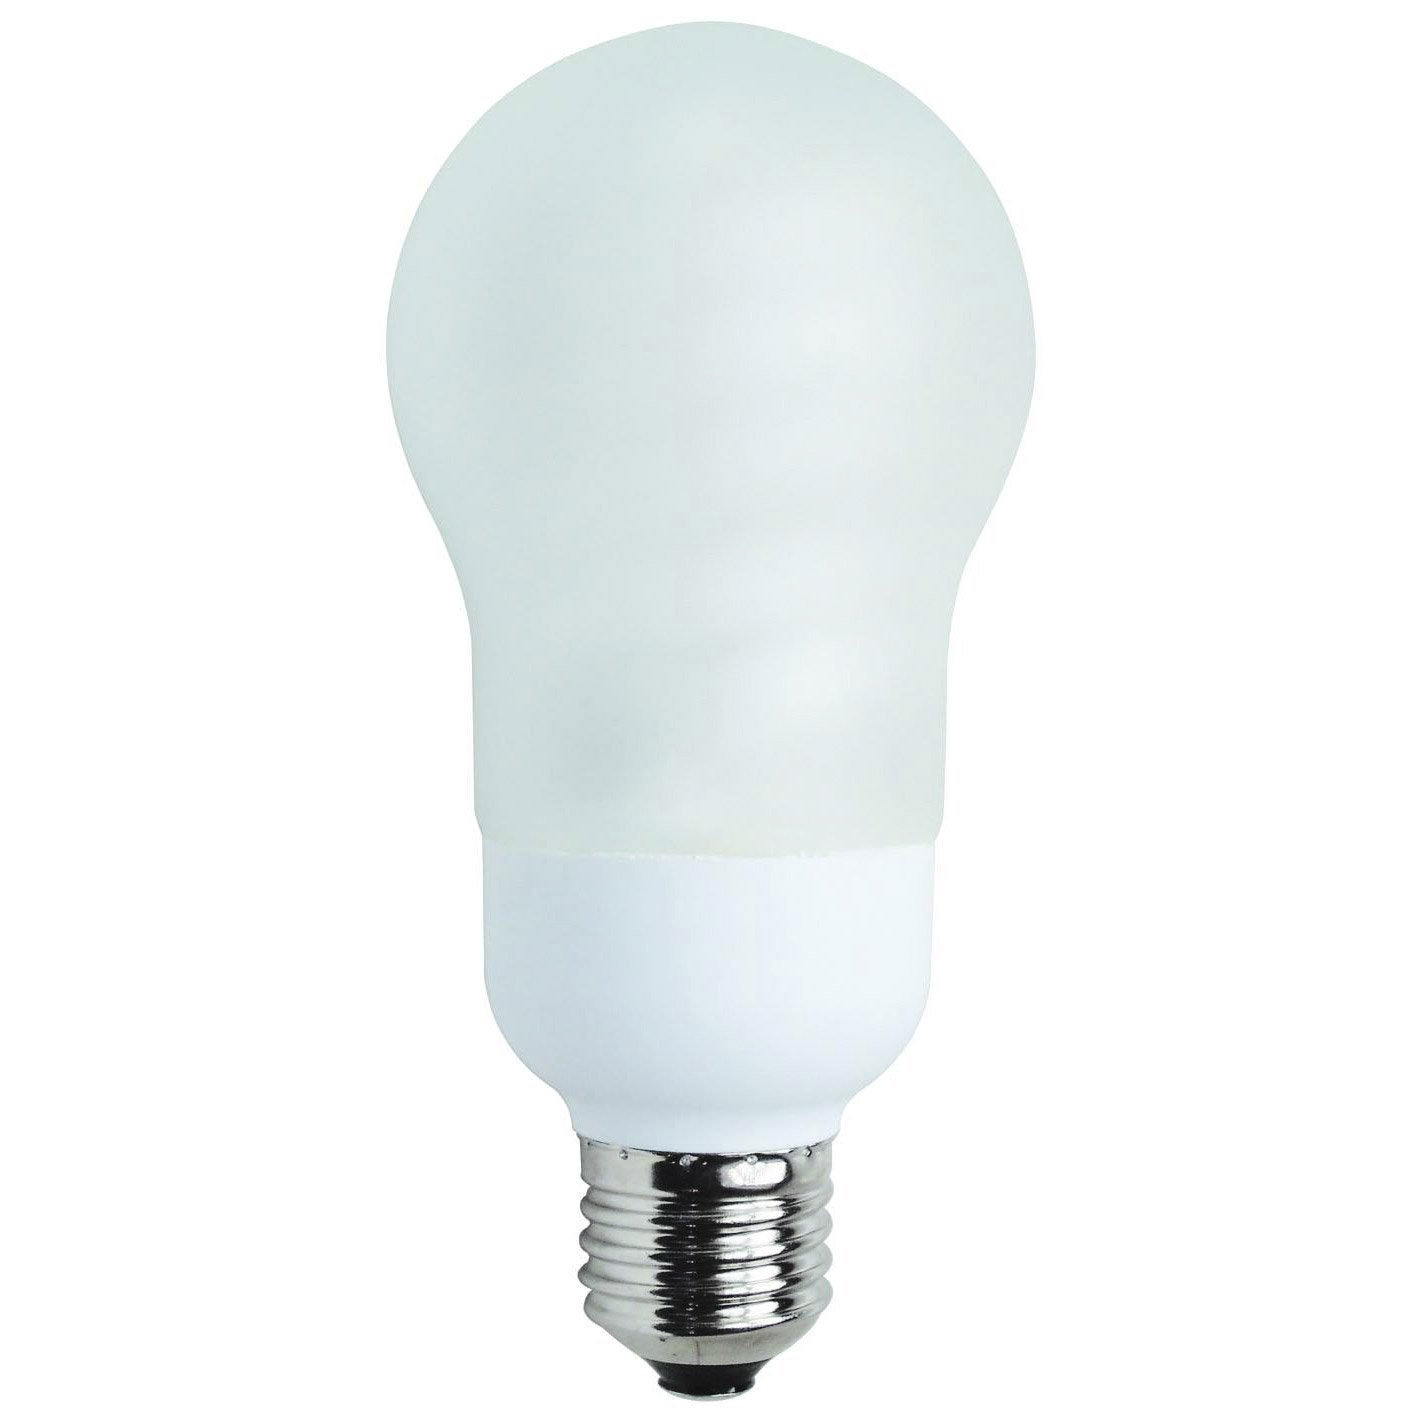 ampoule standard conomie d 39 nergie 23w lexman e27 lumi re du jour env 6500k leroy merlin